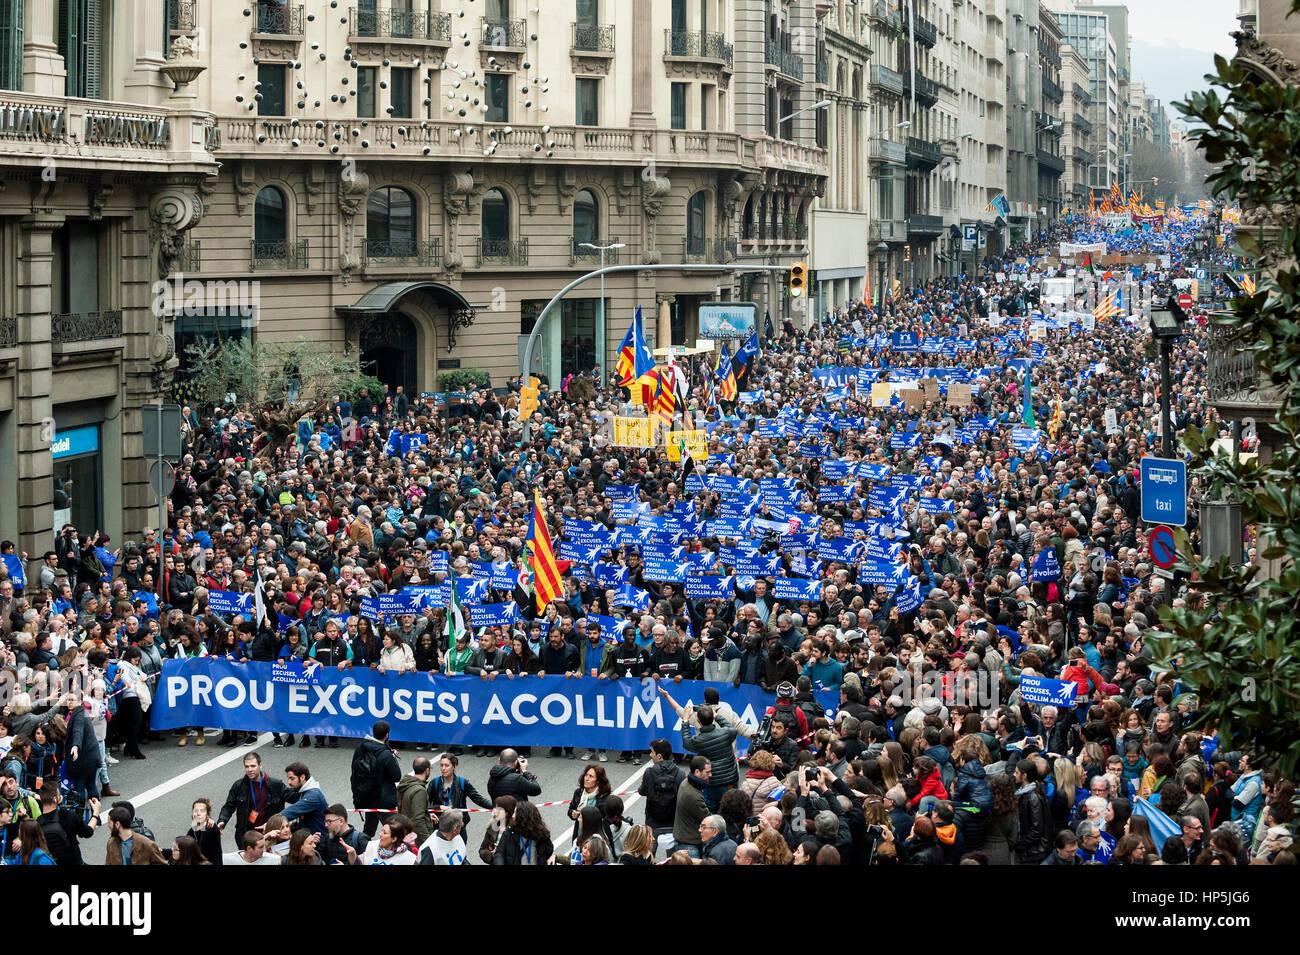 RAFA EL MAS GRANDE DE LA HISTORIA - Página 3 Barcelona-espana-18-de-febrero-2017-miles-de-marzo-en-barcelona-durante-la-manifestacion-pro-refugiados-decenas-de-miles-de-personas-salieron-a-las-calles-de-barcelona-el-sabado-instando-al-gobierno-espanol-a-cumplir-inmediatamente-su-promesa-de-sacar-a-miles-de-refugiados-la-marcha-bajo-el-lema-volem-acollir-queremos-darles-la-bienvenida-en-catalan-muchas-de-esas-inundaciones-la-calle-principal-via-laietana-llevaron-pancartas-en-las-que-se-leia-basta-de-excusas-les-damos-la-bienvenida-ahora-credito-dani-codinaalamy-live-news-hp5jg6